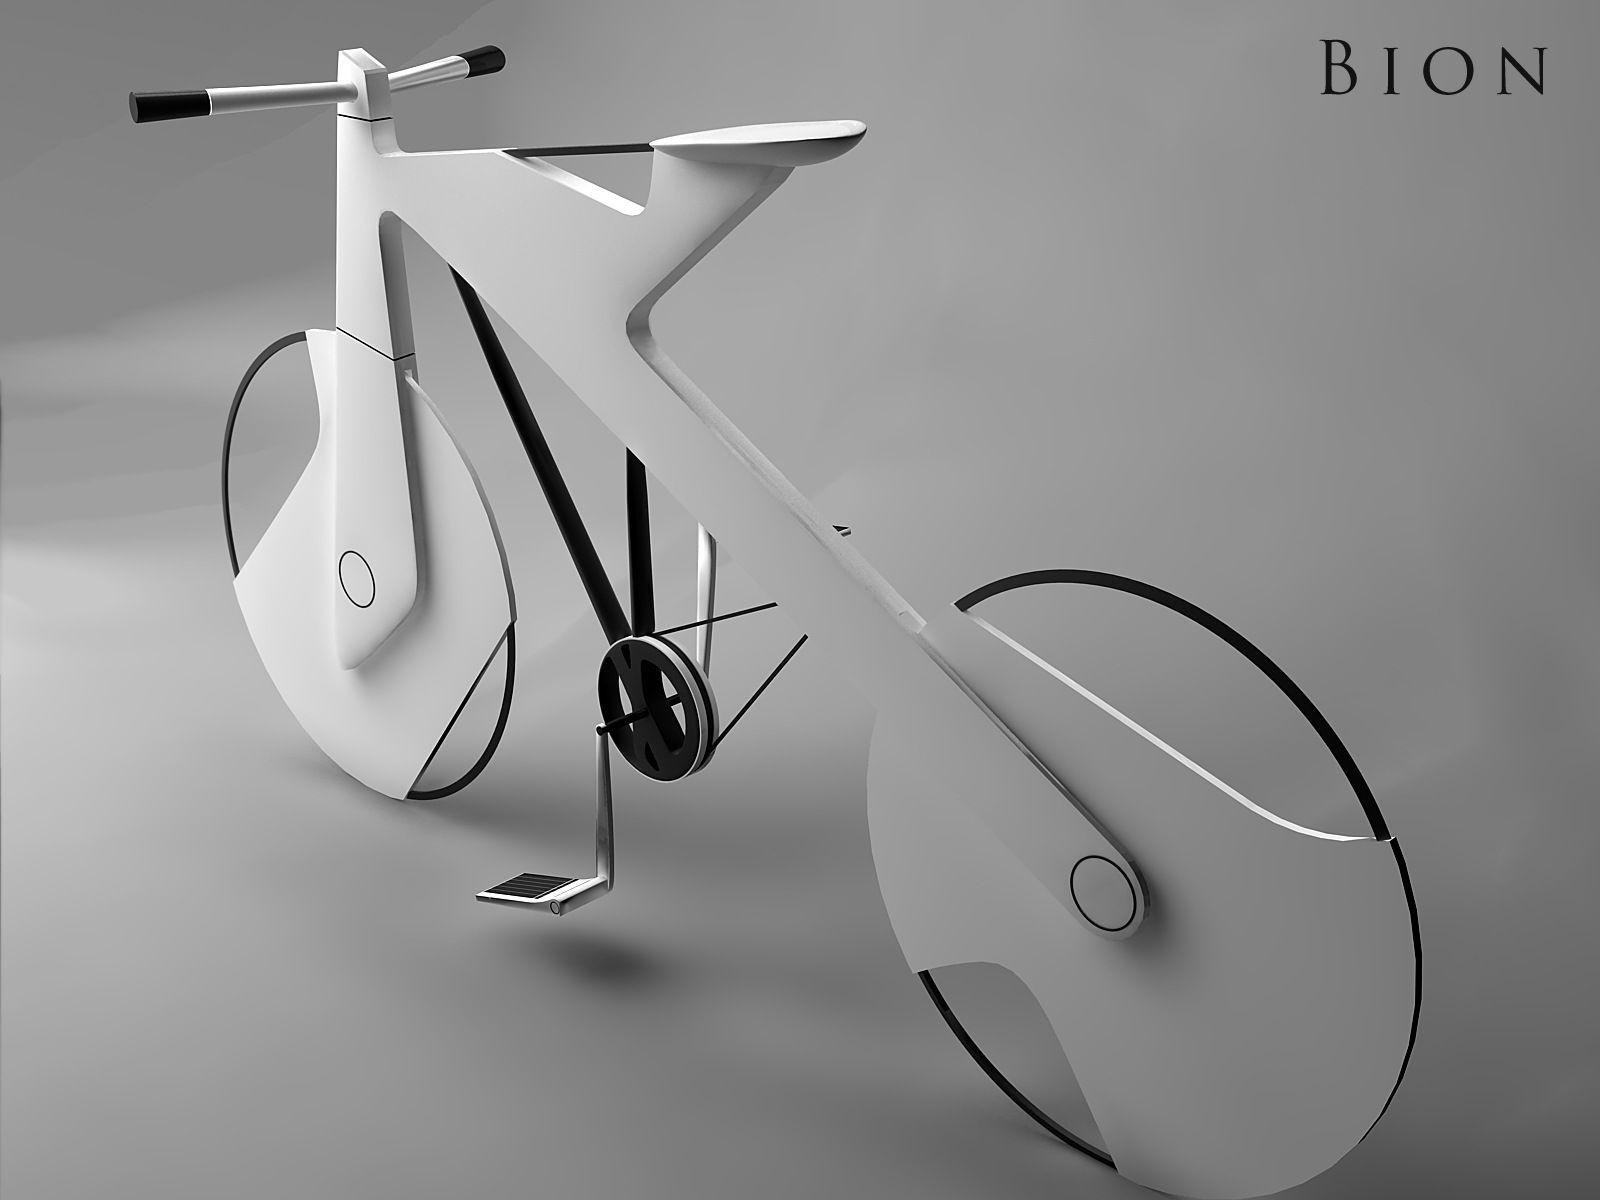 Bion Bike By Aibek Almasov Bicycle